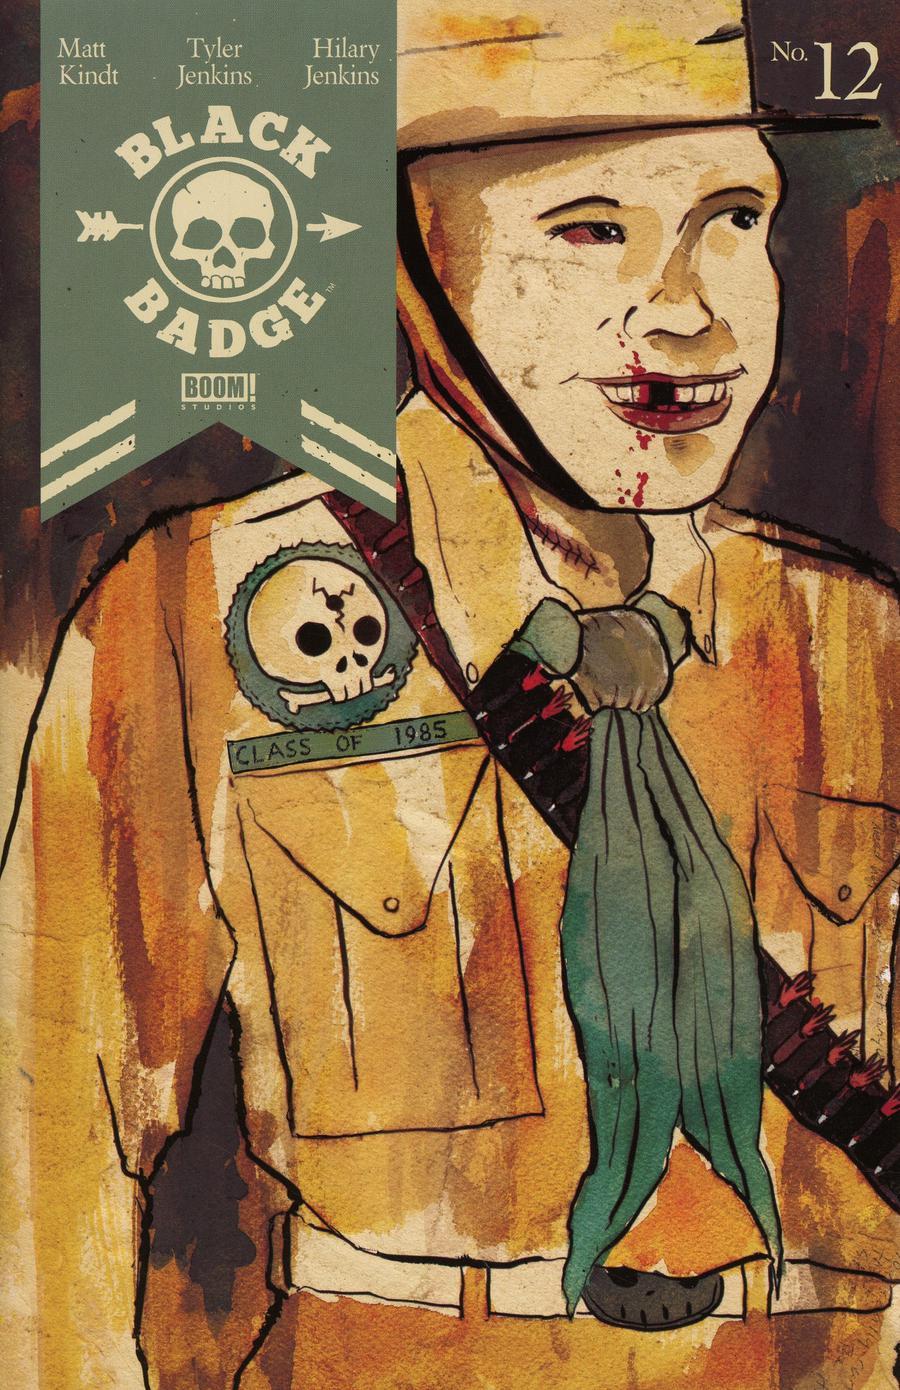 Black Badge #12 Cover A Matt Kindt